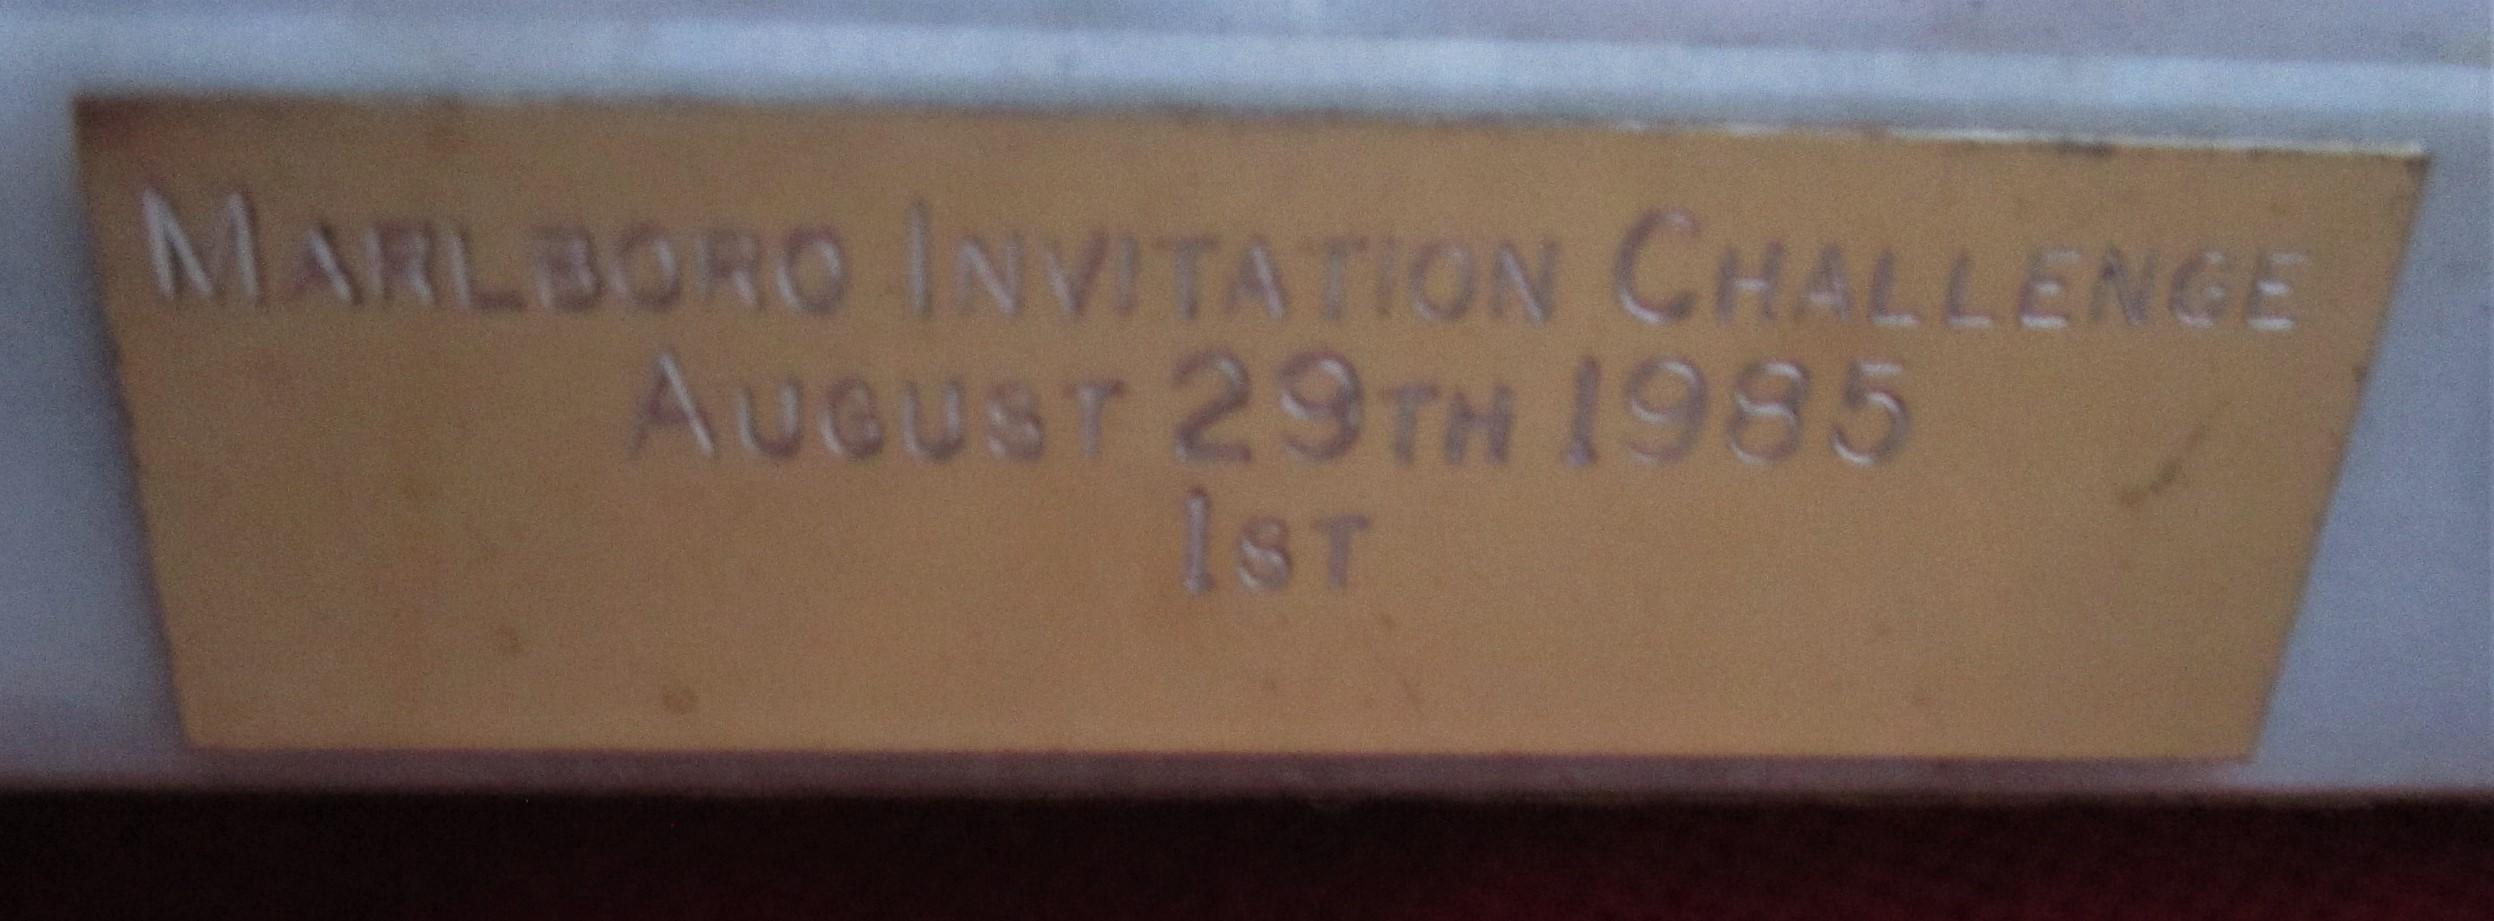 Lot 443 - SPEEDWAY - MARLBORO INVITATION CHALLENGE TROPHY 1985